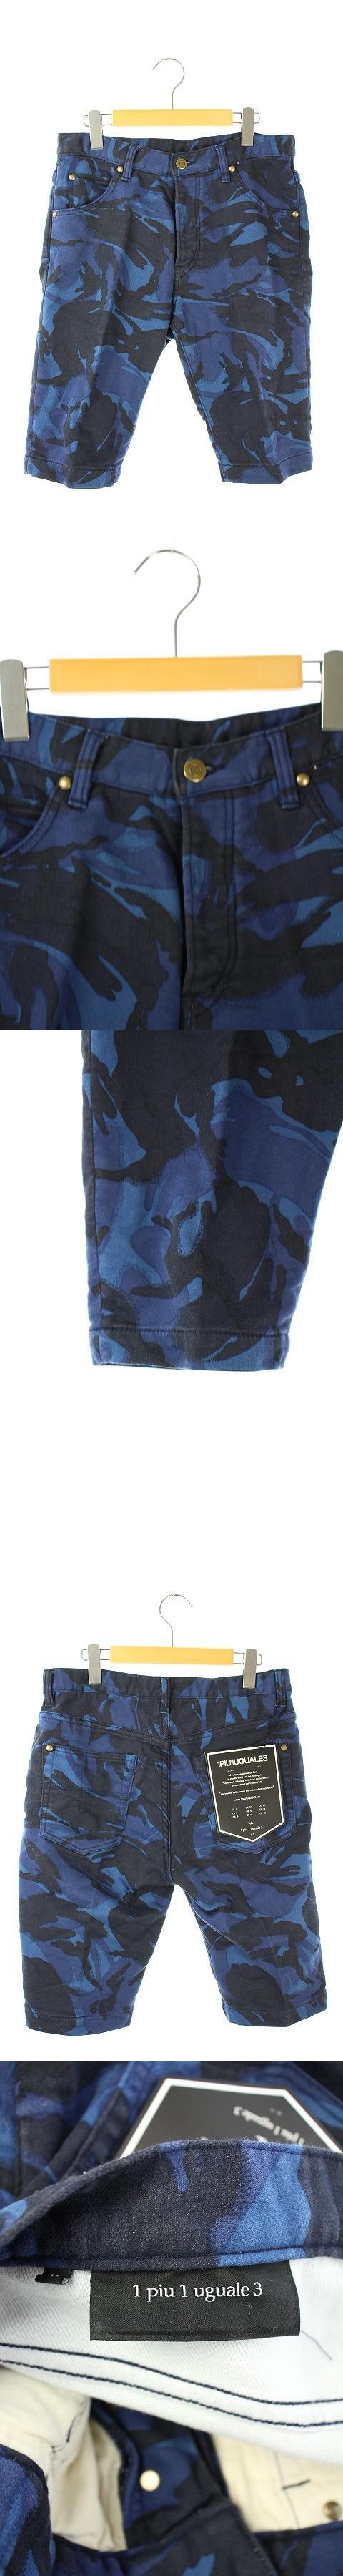 パンツ ハーフ スウェット地 ボタンフライ カモフラ柄 5 紺 黒 /HH ■OS